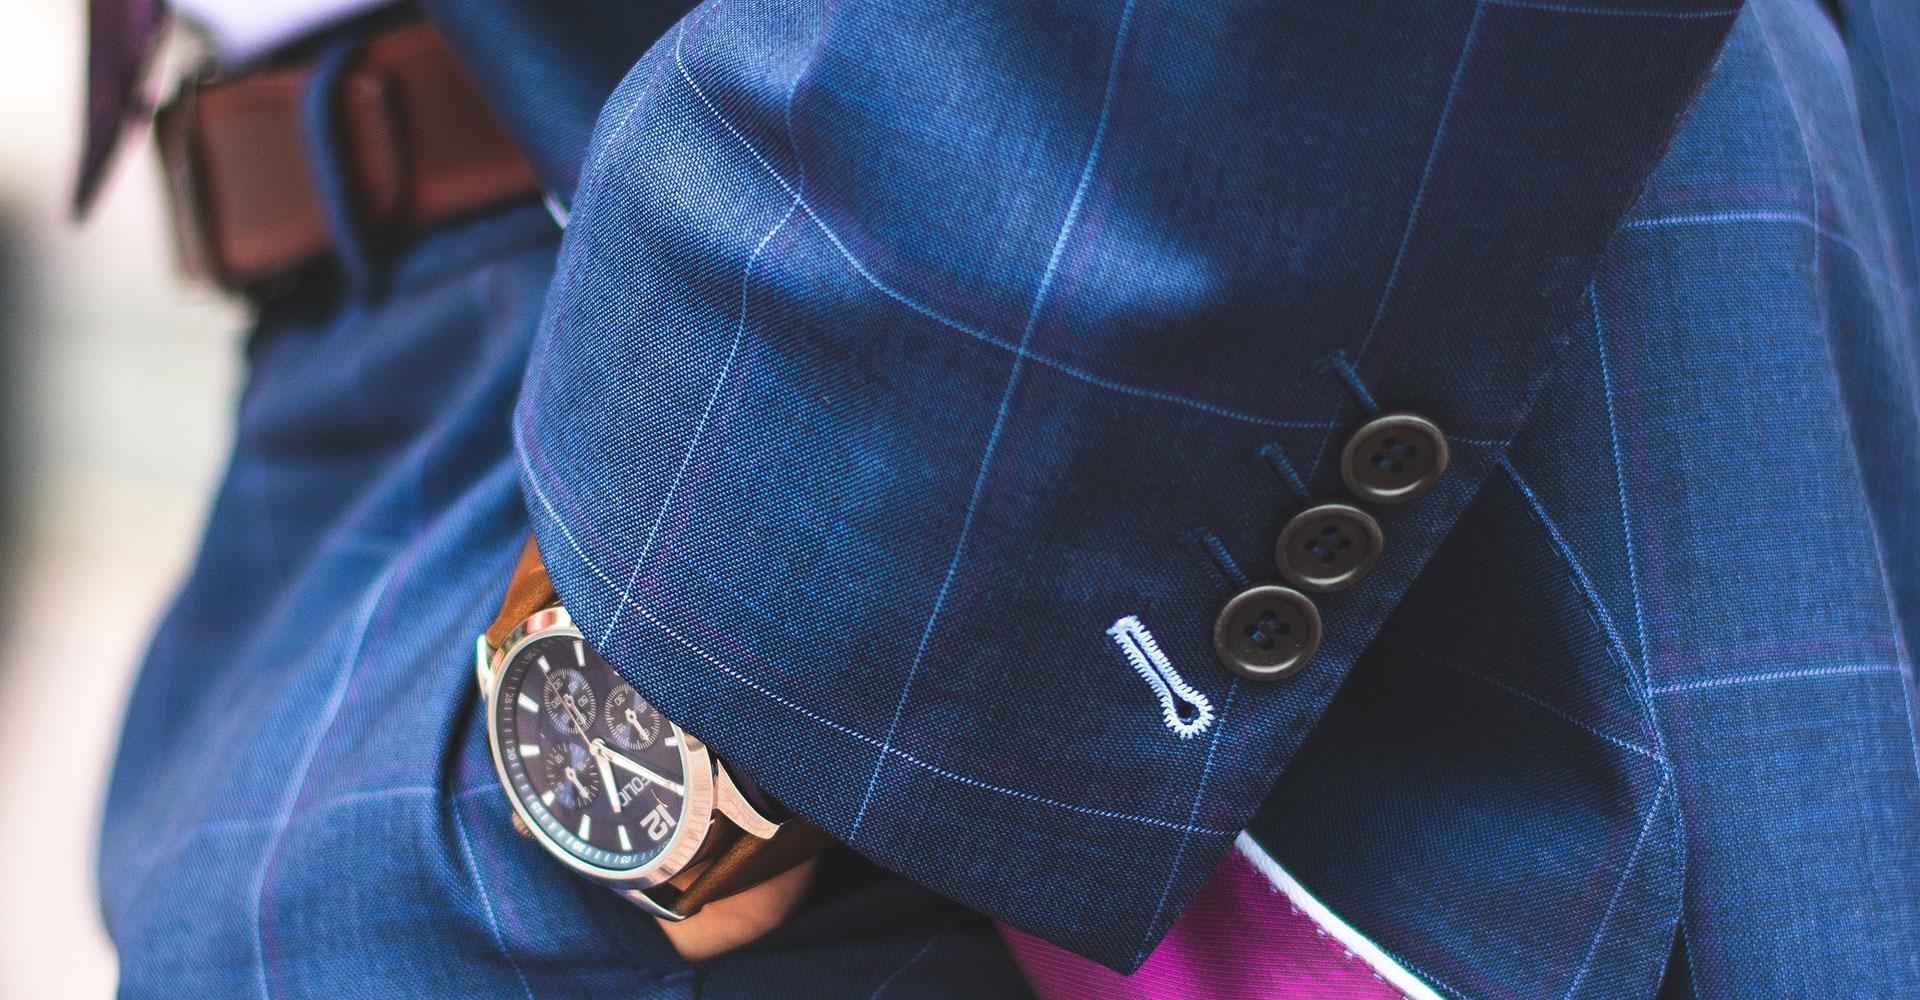 Bespoke Suit Tailoring